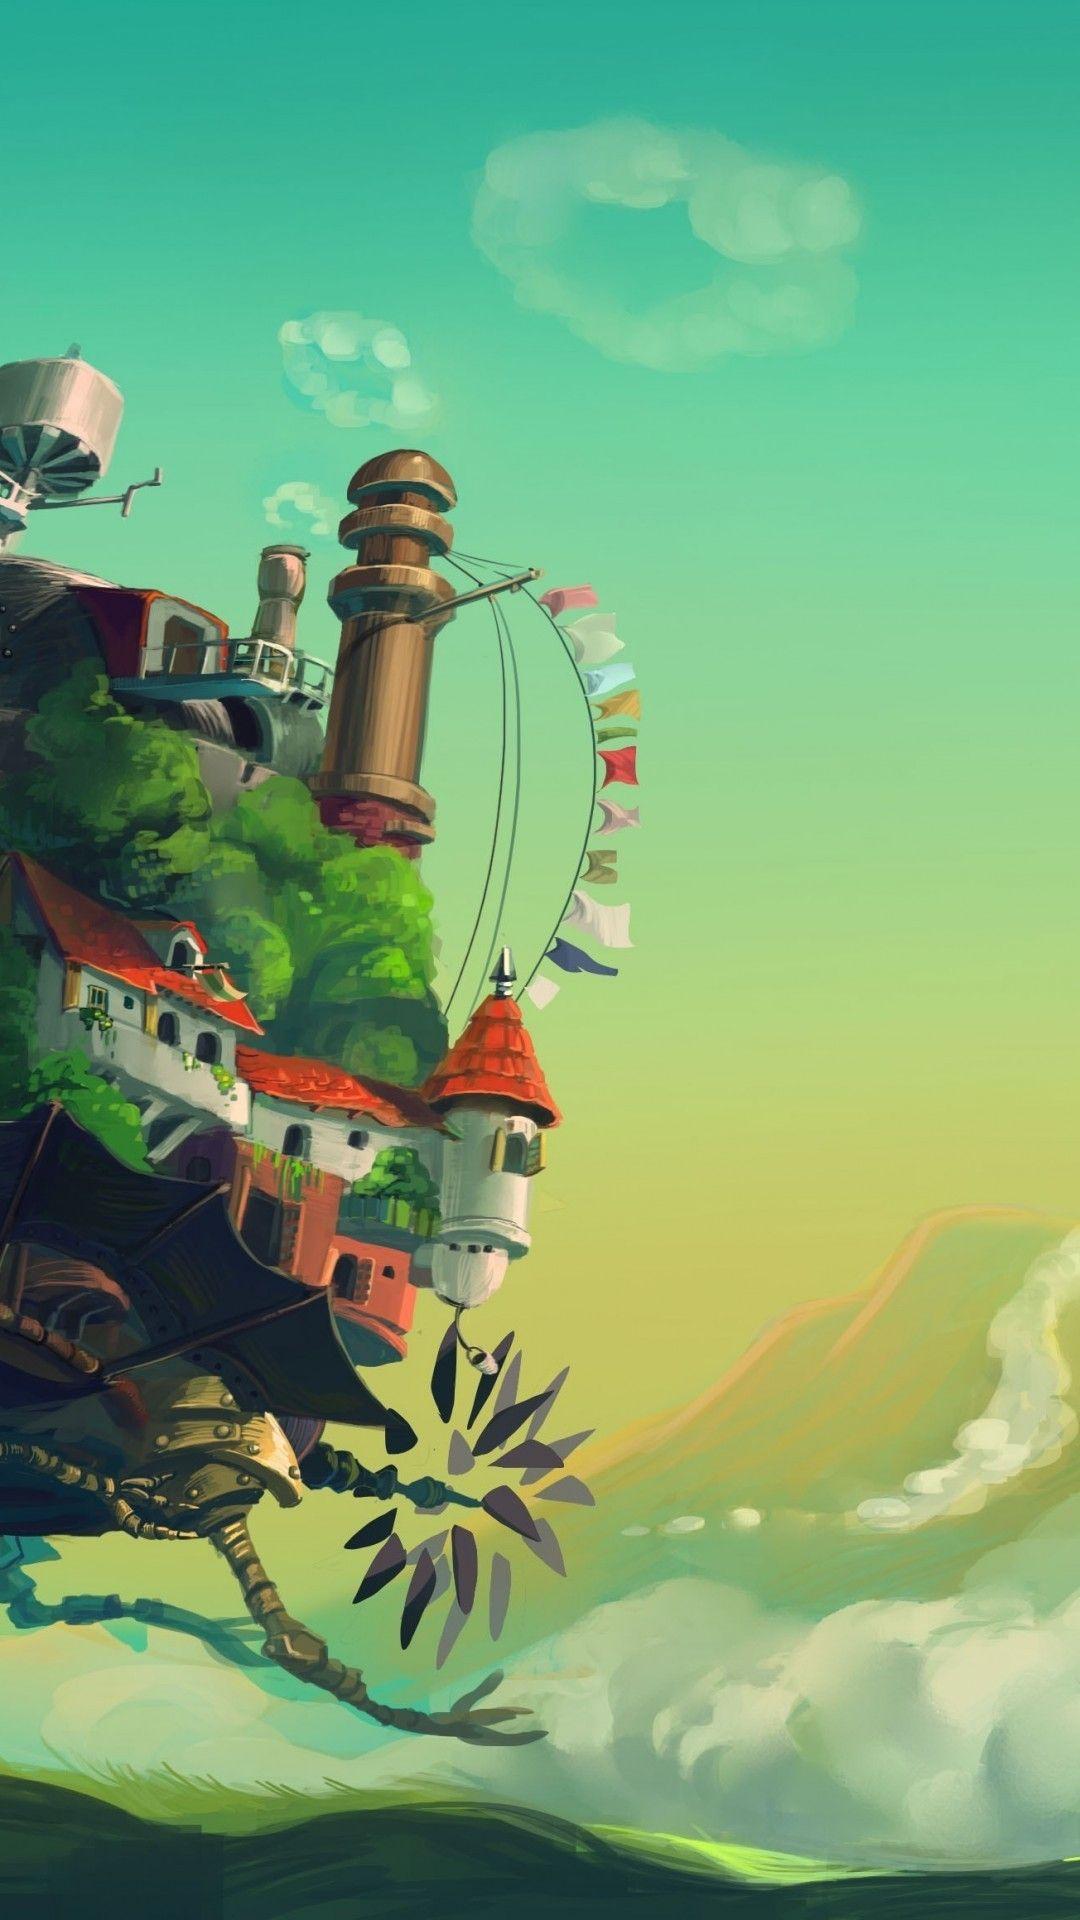 Miyazakis Howls Moving Castle